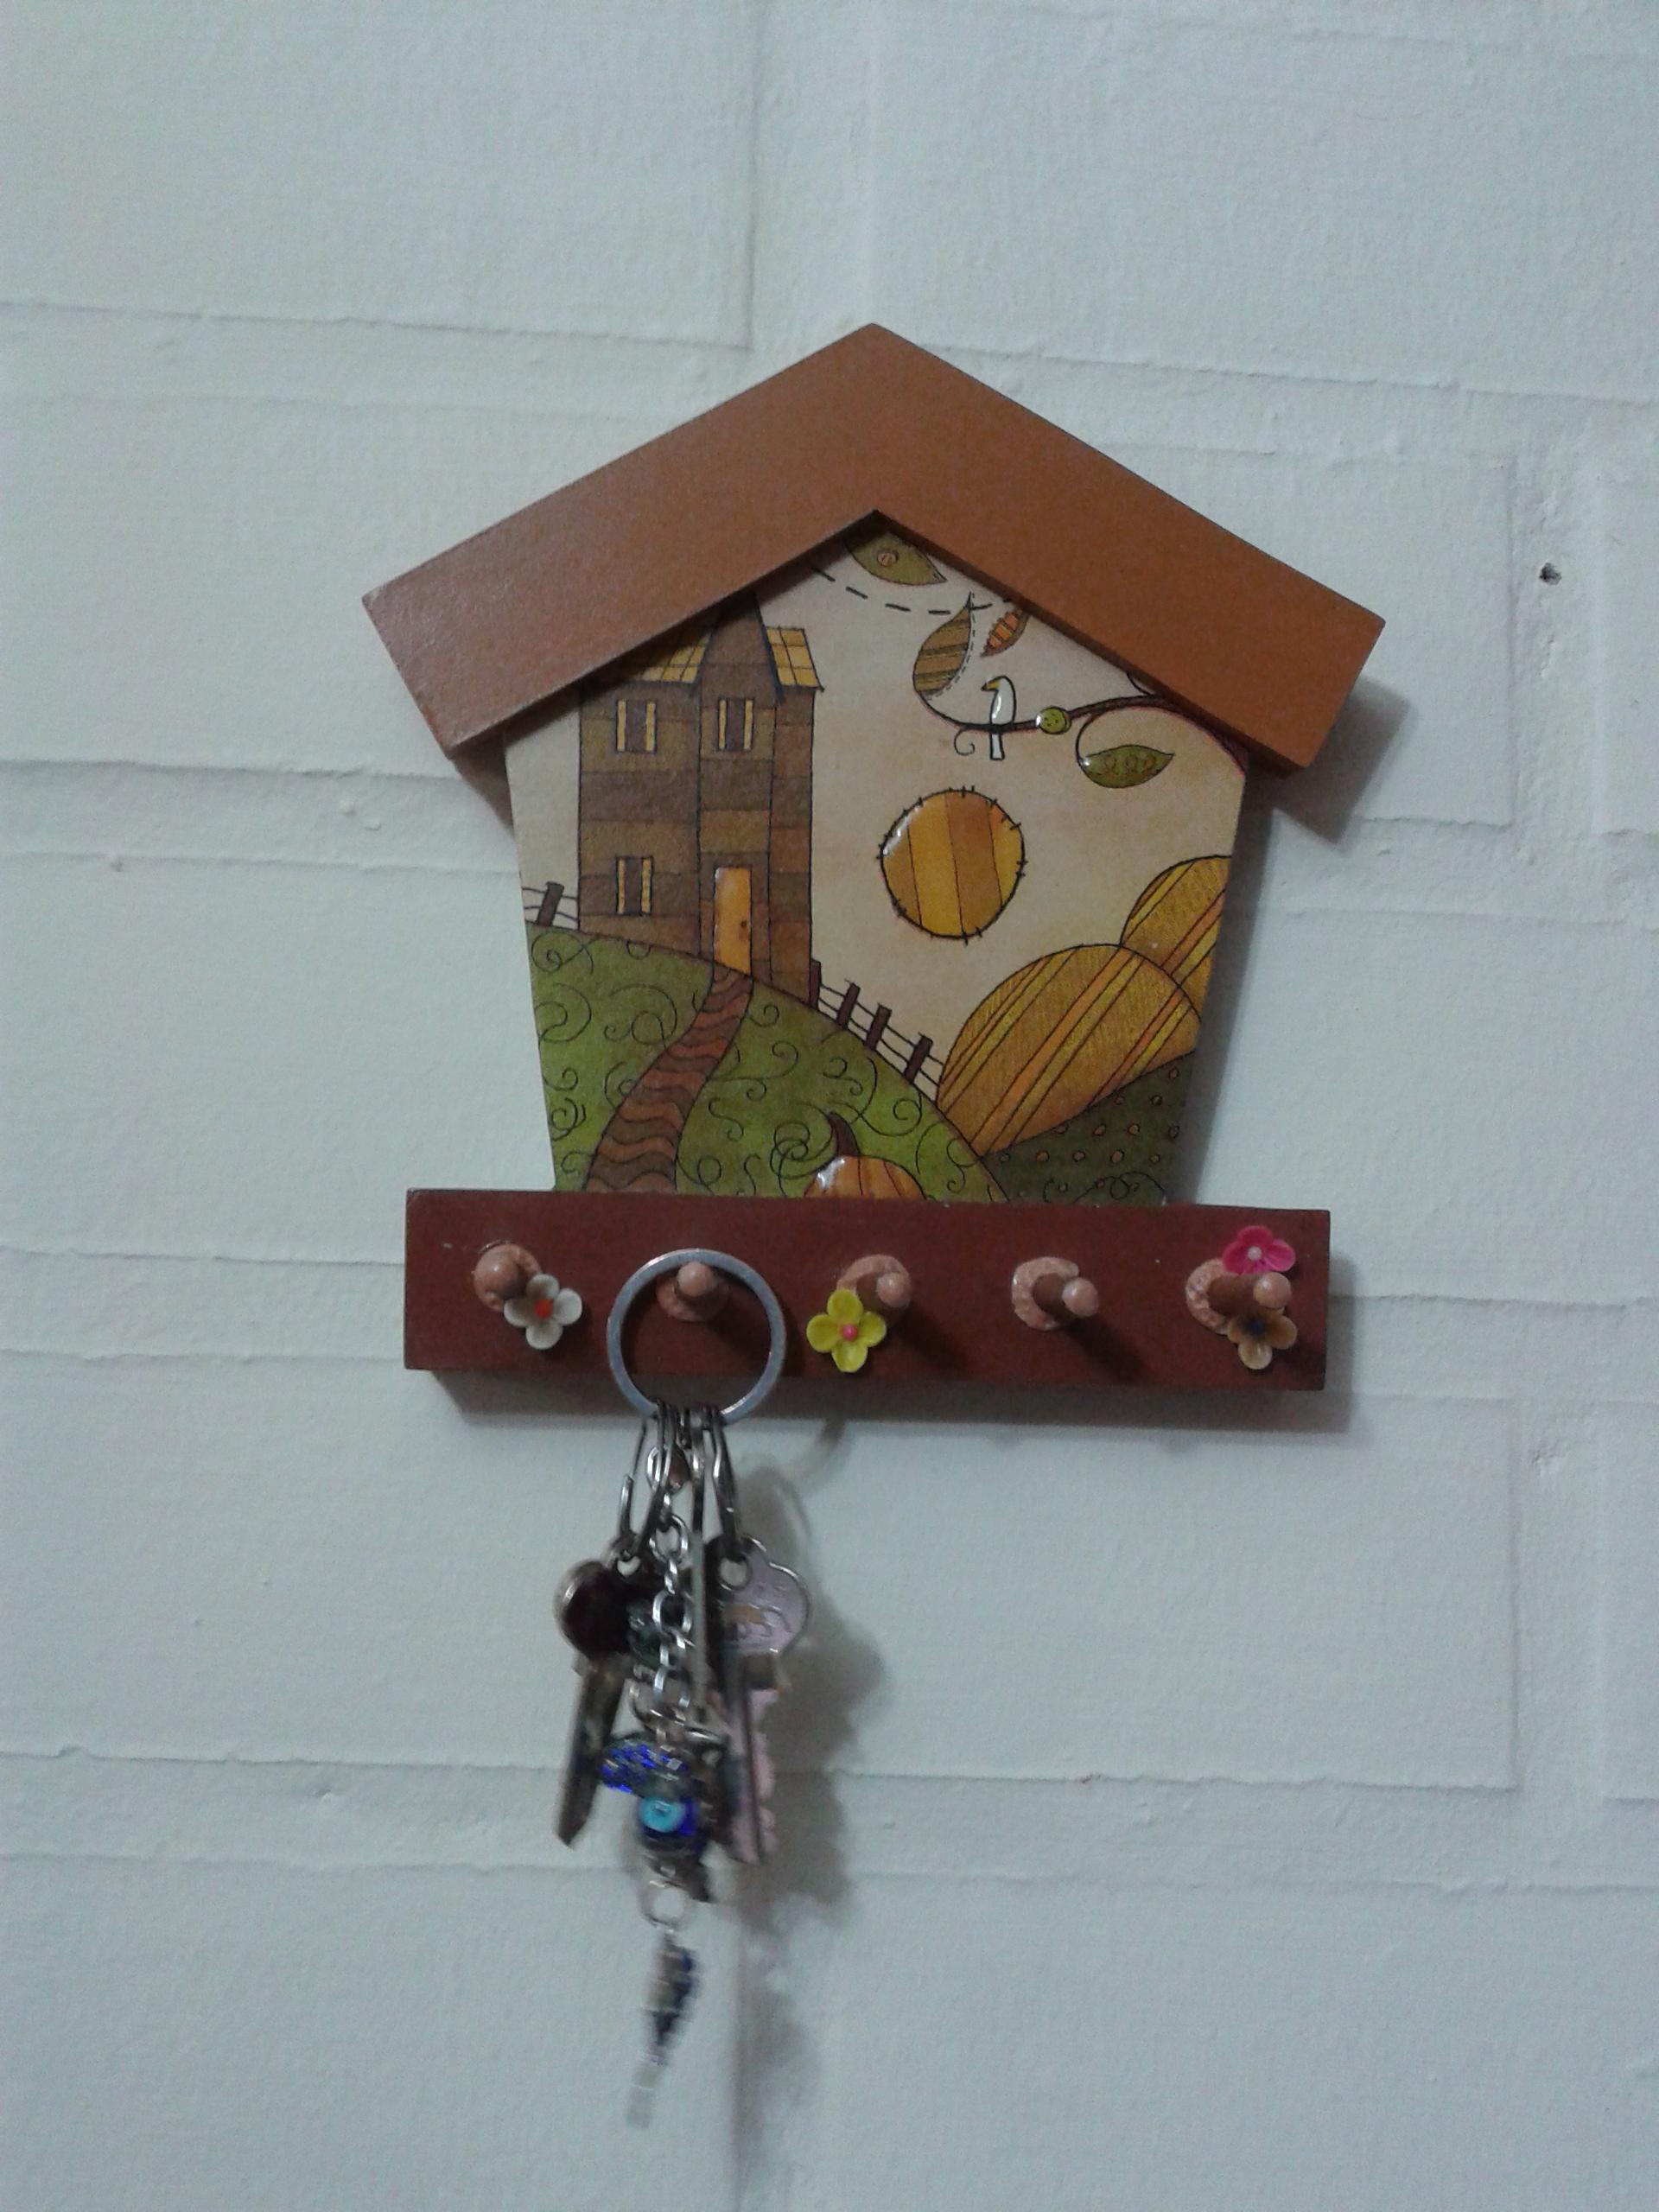 Manualidades portallaves de madera manualidades portallaves de madera portallaves de madera - Porta llaves pared ...